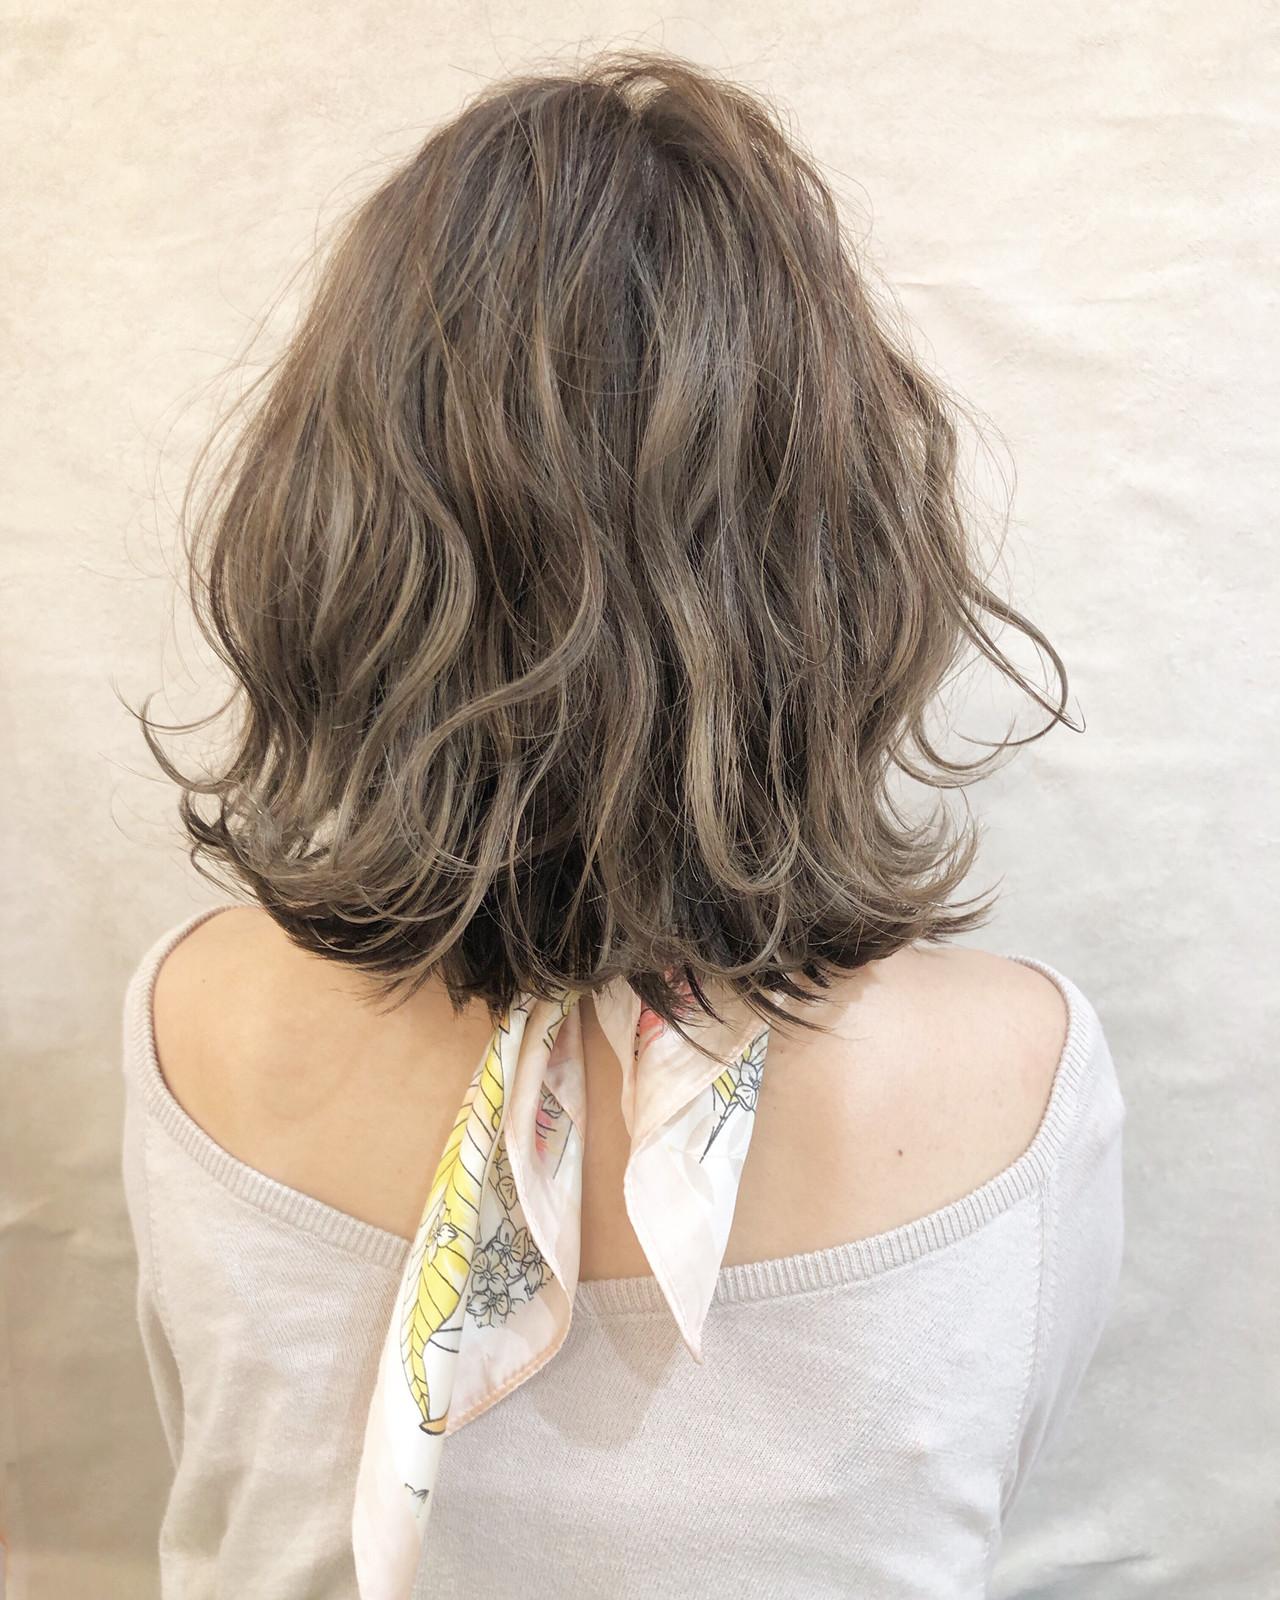 ハイライト オフィス スポーツ ミディアム ヘアスタイルや髪型の写真・画像 | 安永怜 / kakimotoarms田園調布